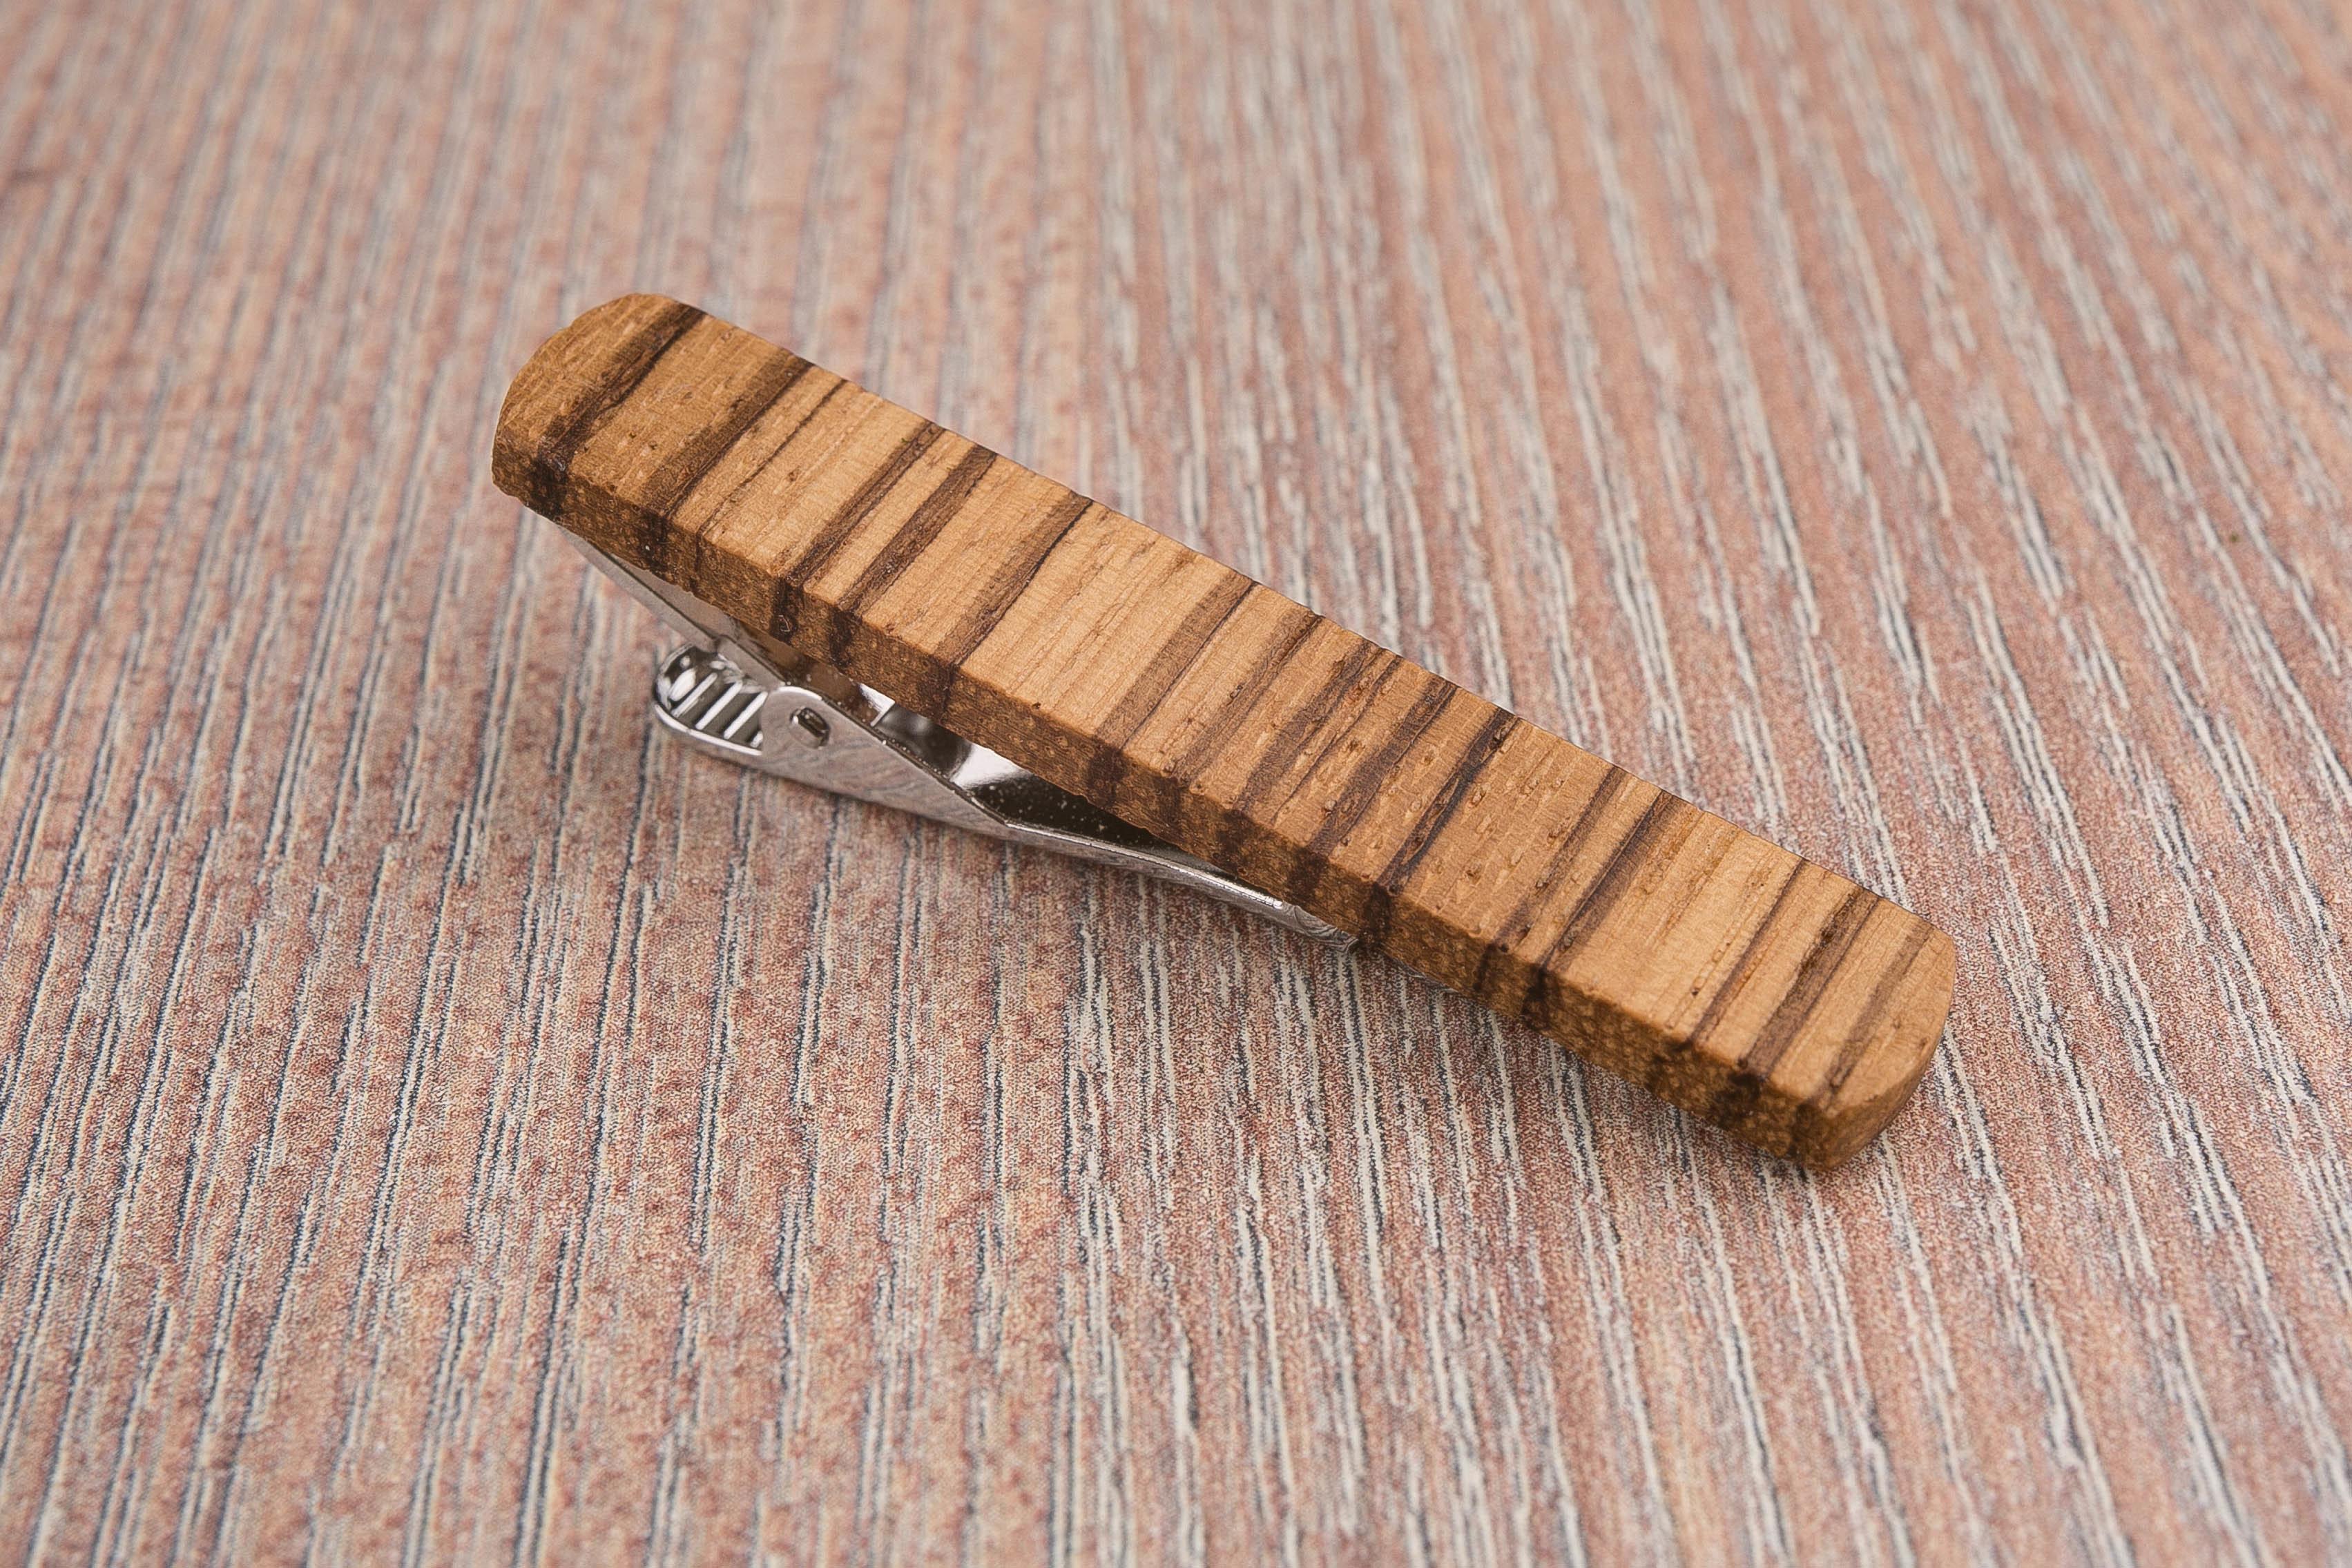 Деревянный зажим для галстука из массива зебрано. Гравировка имени или инициалов. Планка для галстука. Подарок для друзей жениха. Подарок на деревянную свадьбу